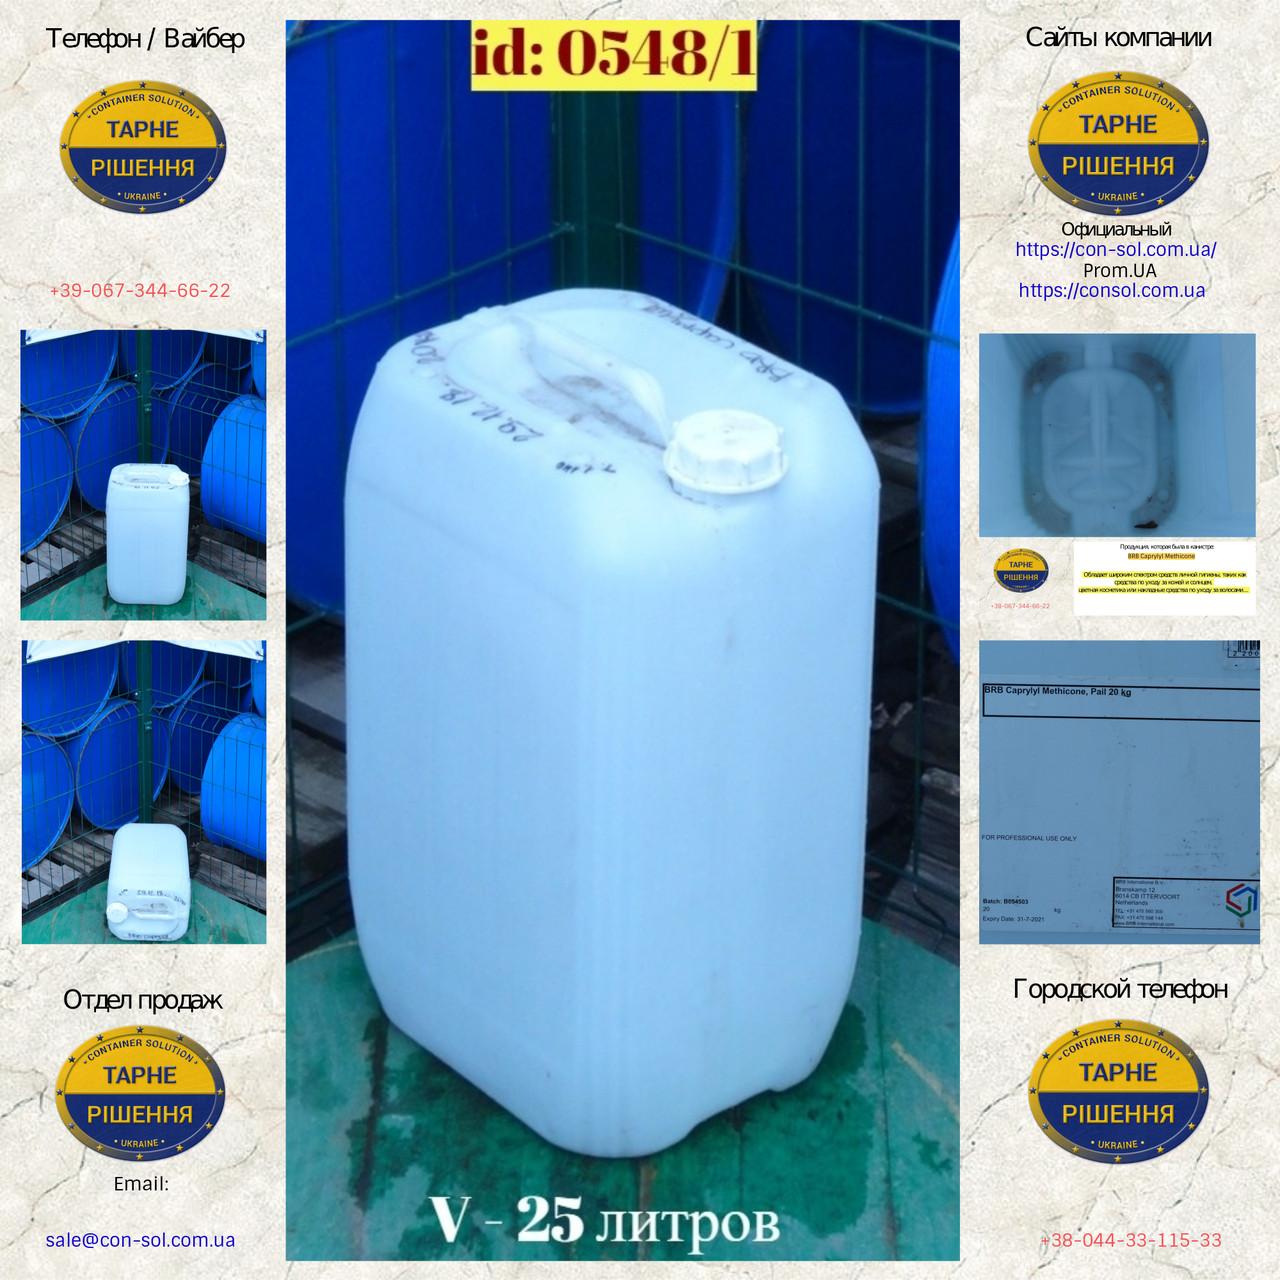 0548/1: Канистра (25 л.) б/у пластиковая ✦ BRB Caprylyl Methicone